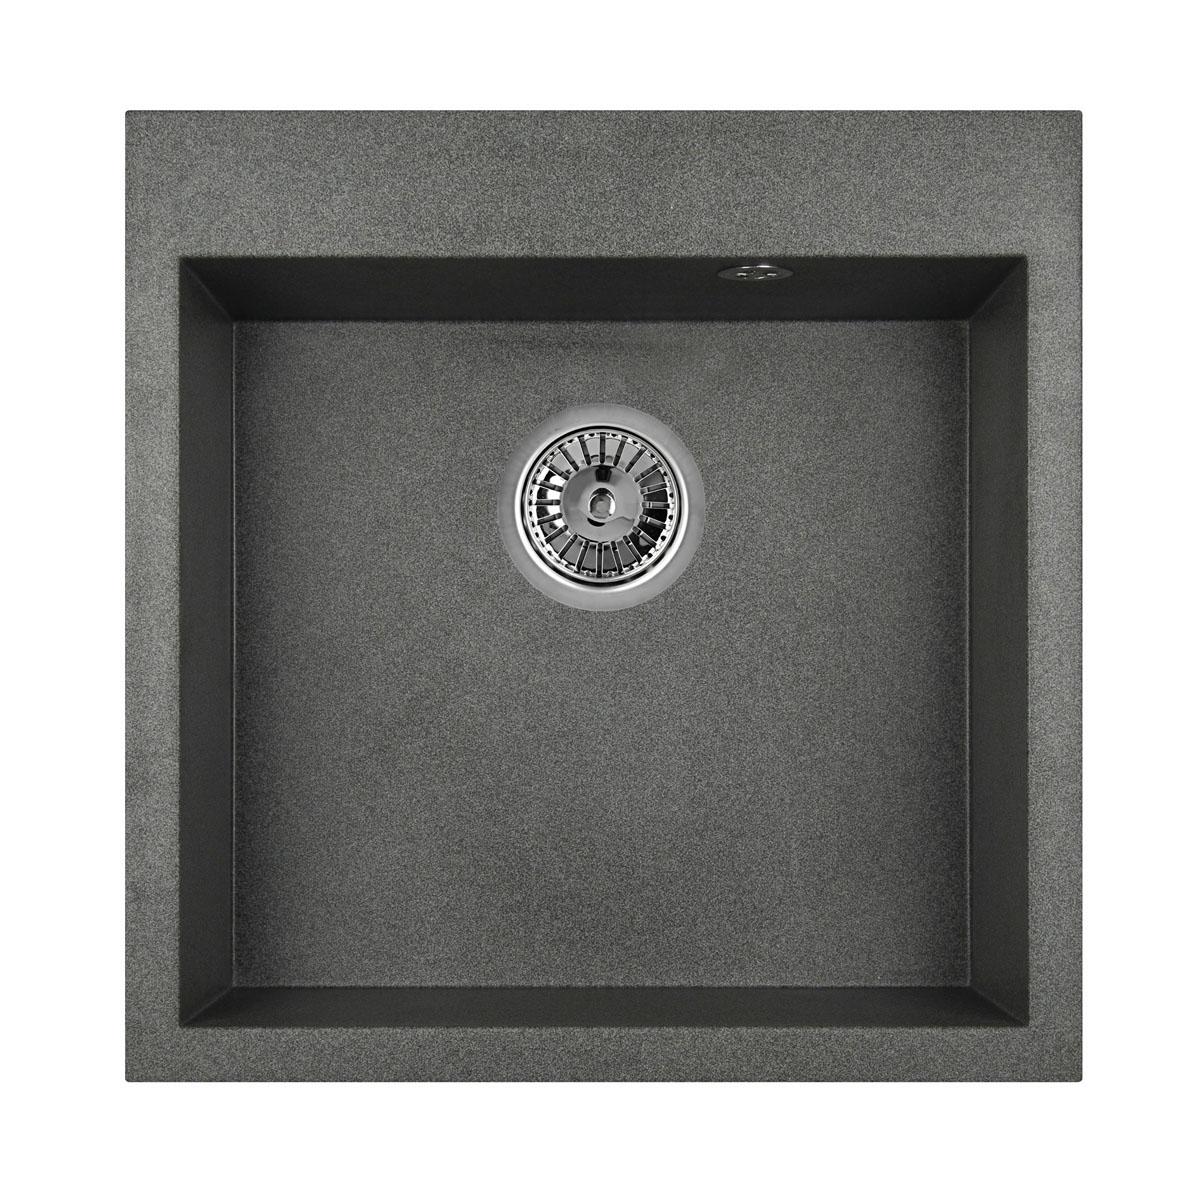 Кухонная мойка Granula GR-5102 505х510 графит мойка кухонная granula 50 5х51 см графит gr 5102 графит